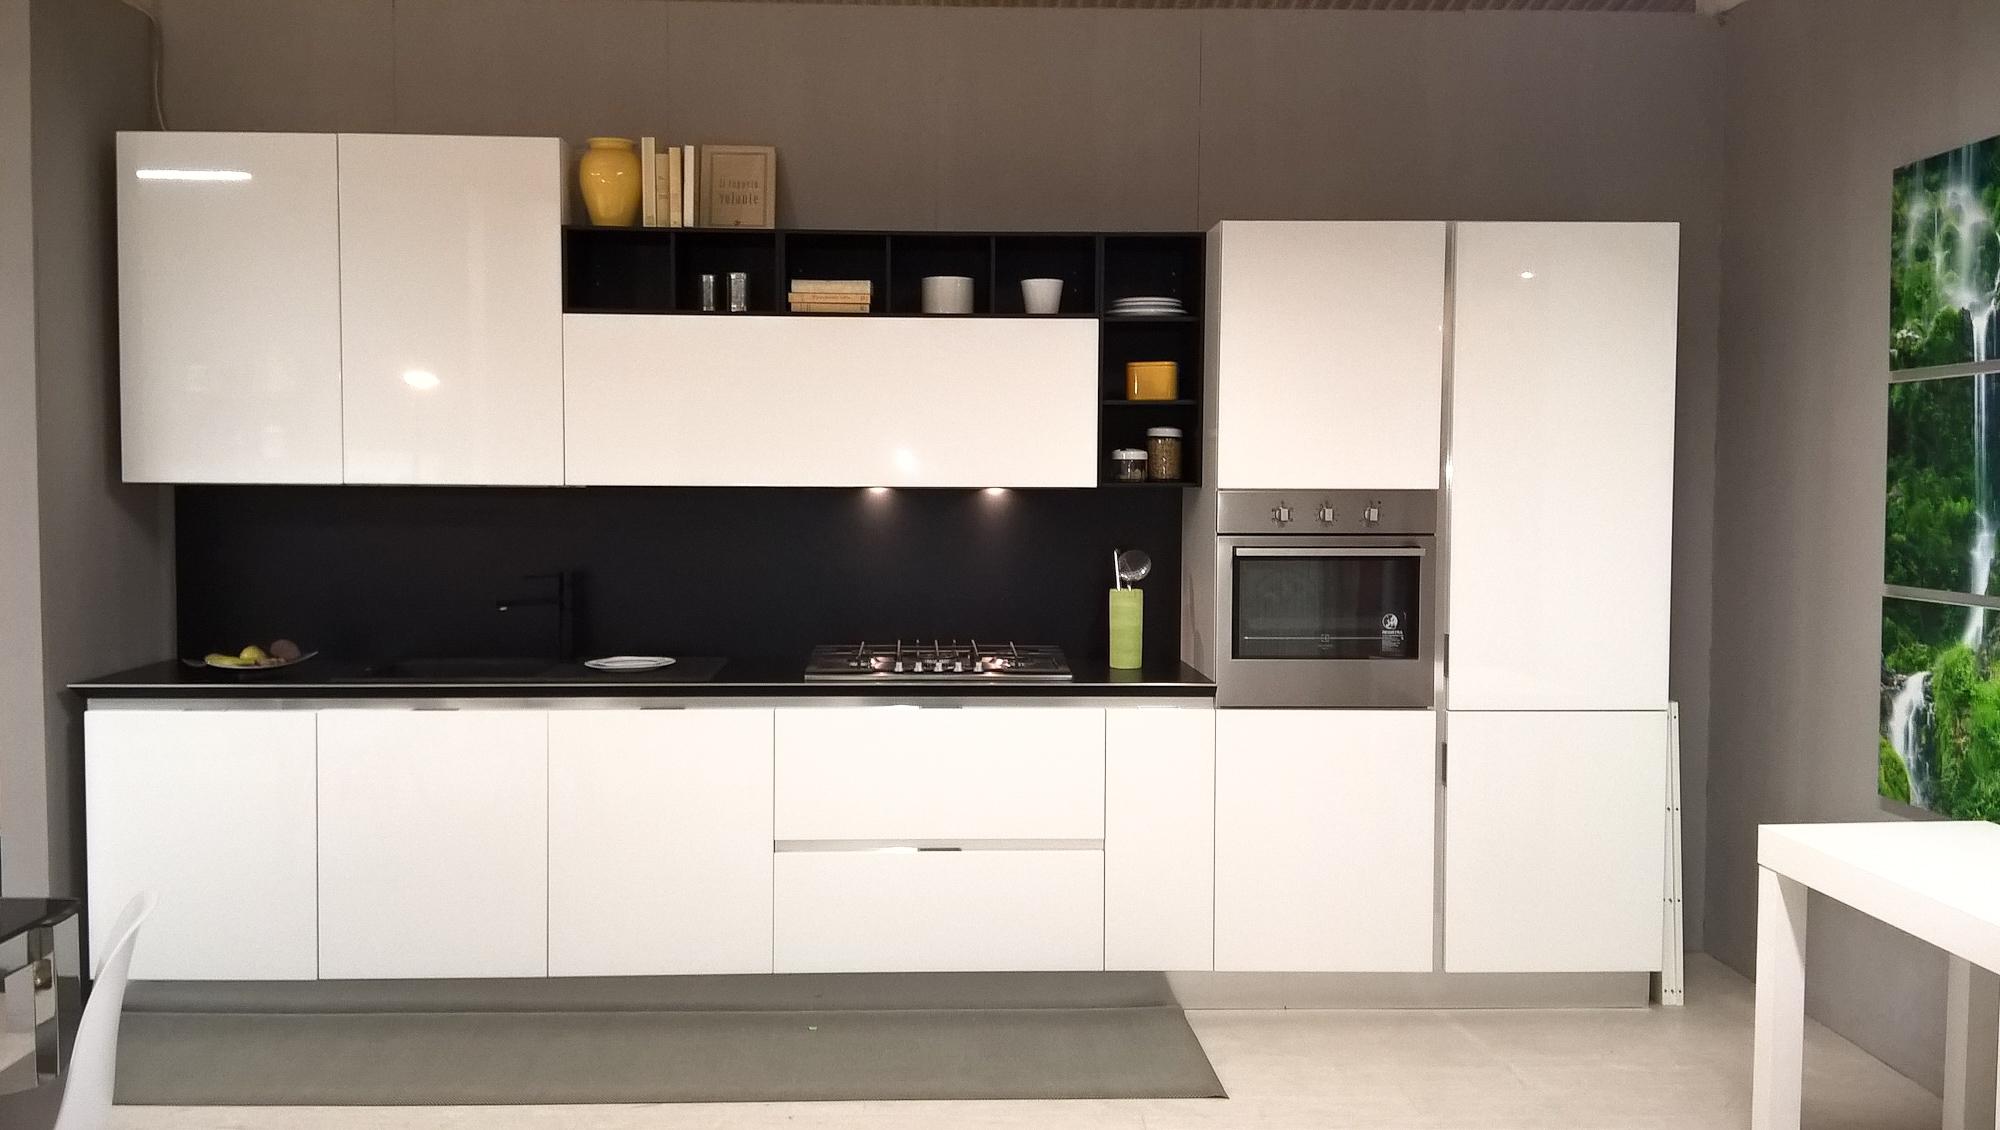 Cucina bianca lucida con schienale e pensili a giorno in promozione cucine a prezzi scontati - Cucina bordeaux e bianca ...